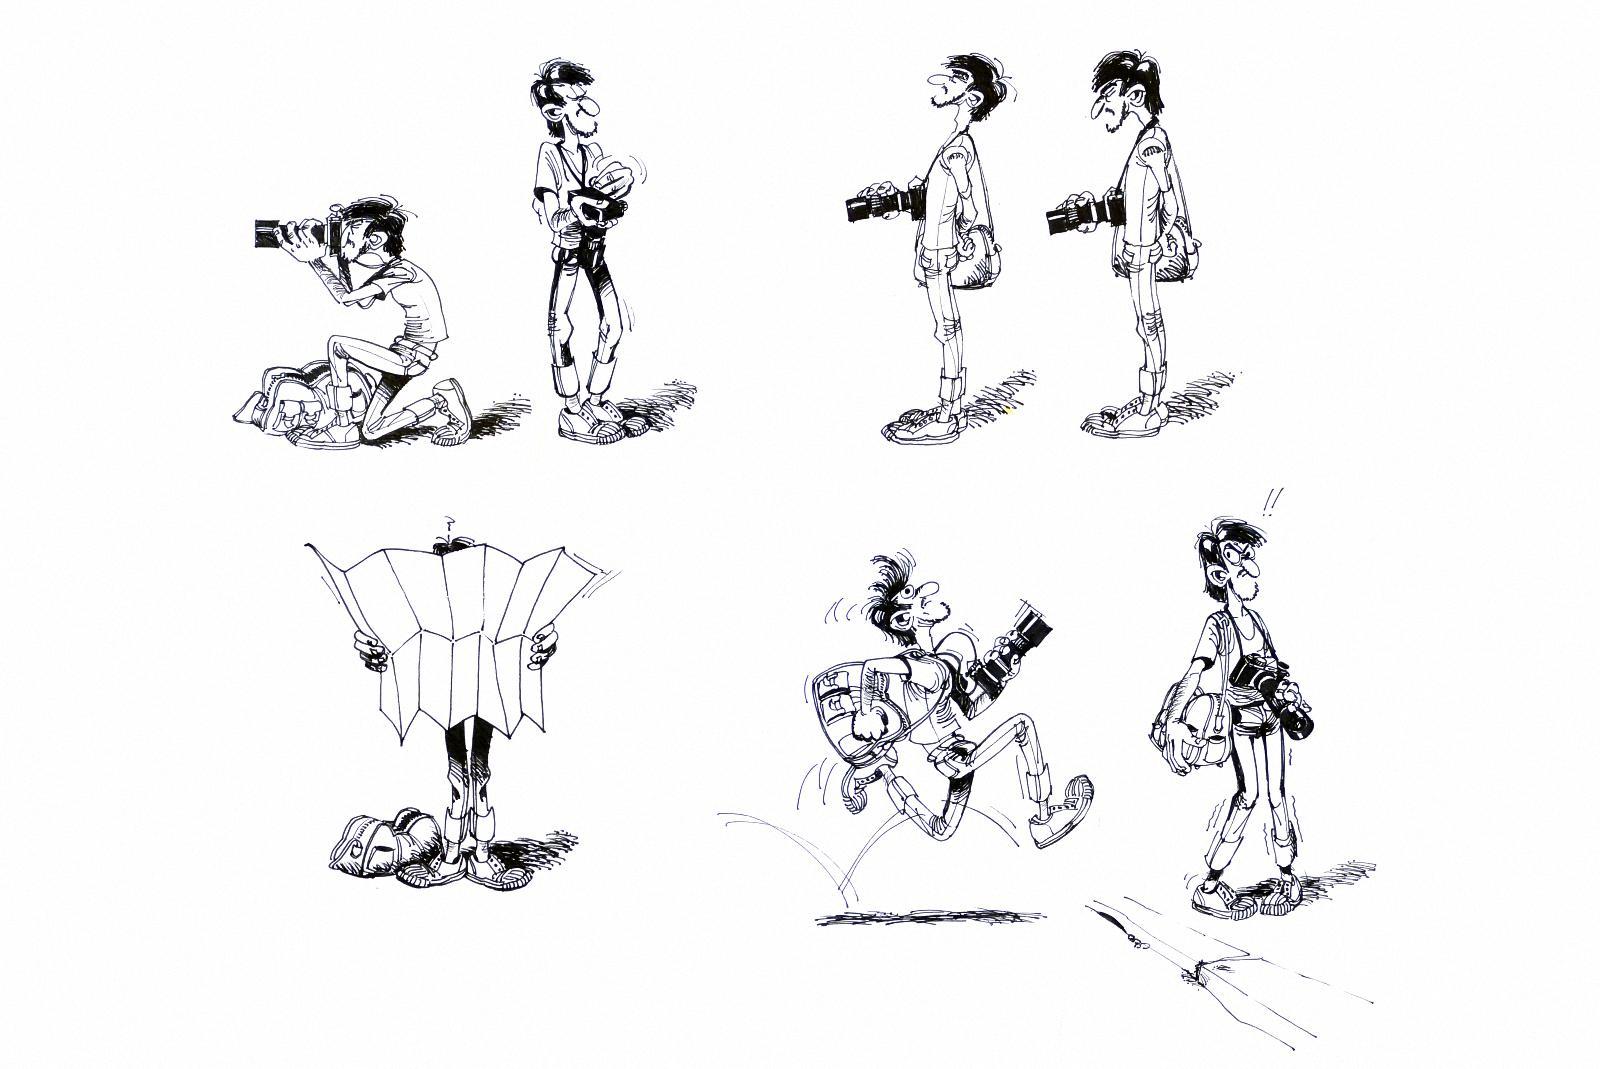 Illustration für einen privaten Fotografenfreund